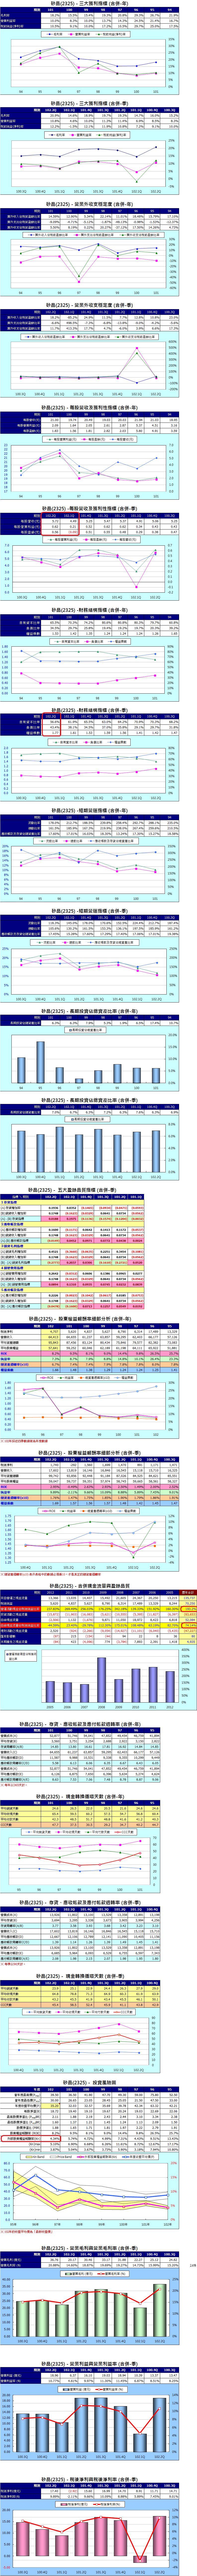 2325細部財務分析